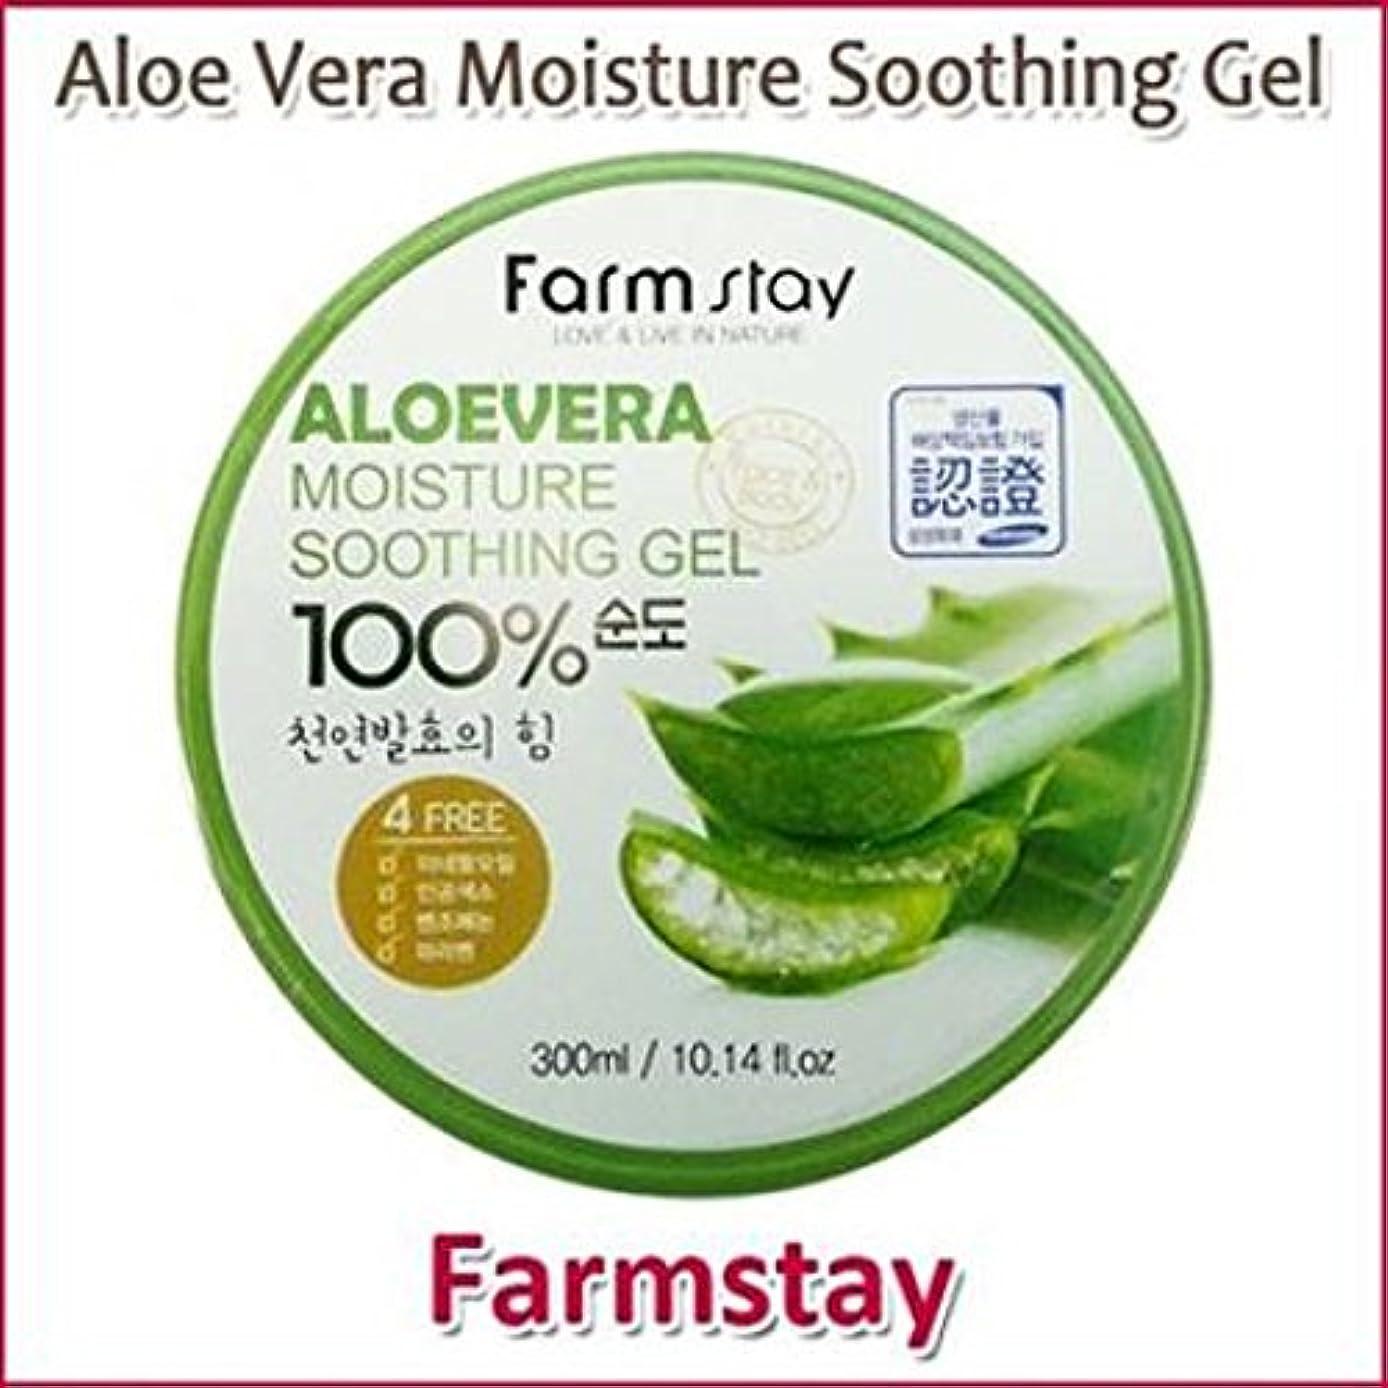 シルクコア血統Farm Stay Aloe Vera Moisture Soothing Gel 300ml /オーガニック アロエベラゲル 100%/保湿ケア/韓国コスメ/Aloe Vera 100% /Moisturizing [...